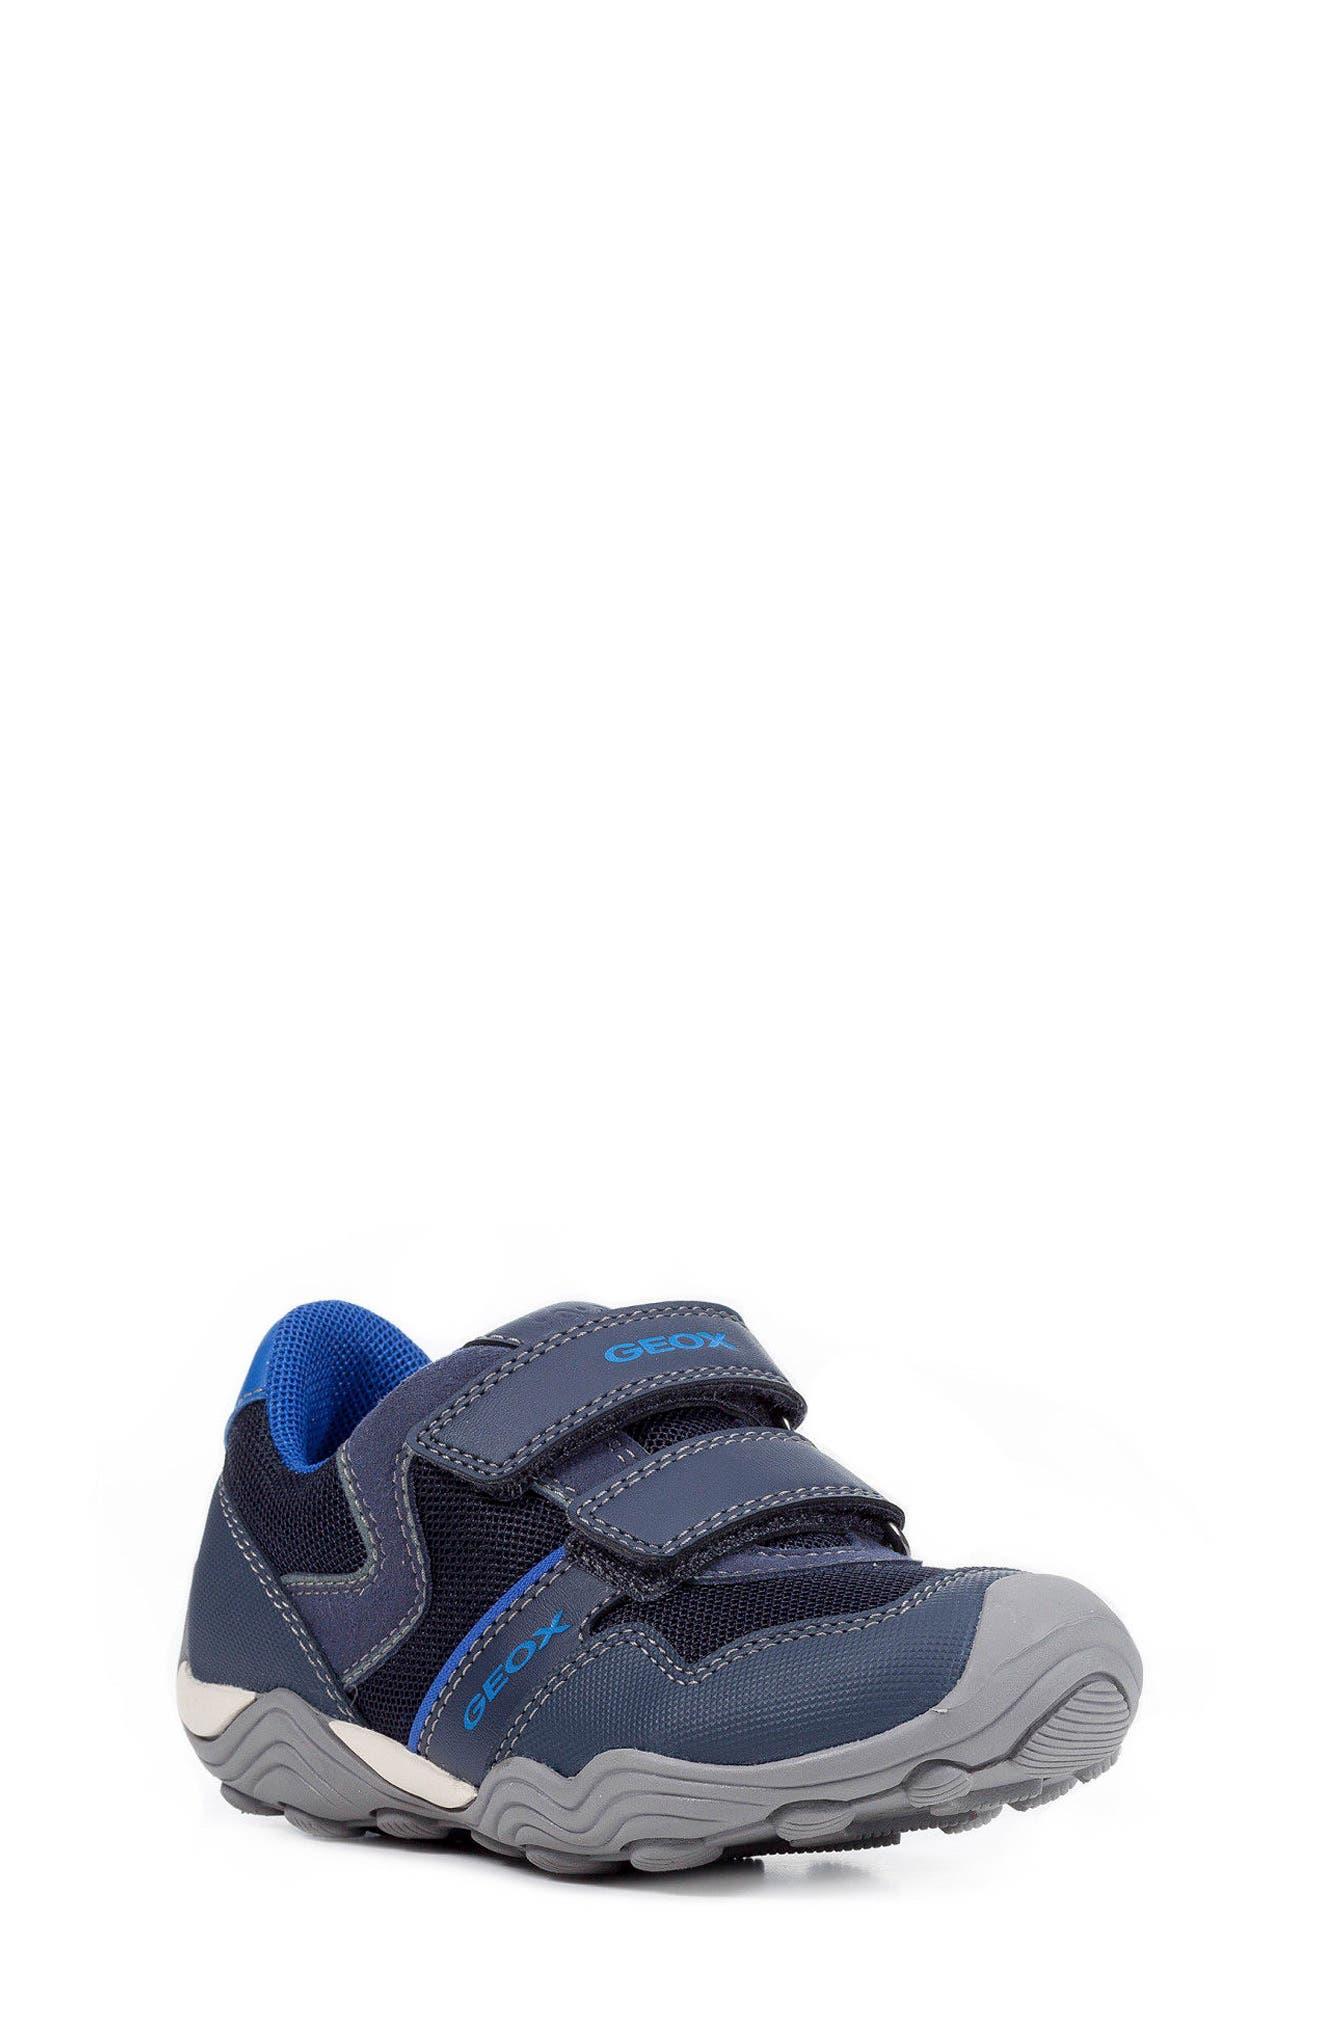 Jr Arno 13 Sneaker,                             Main thumbnail 1, color,                             Navy/ Royal Blue